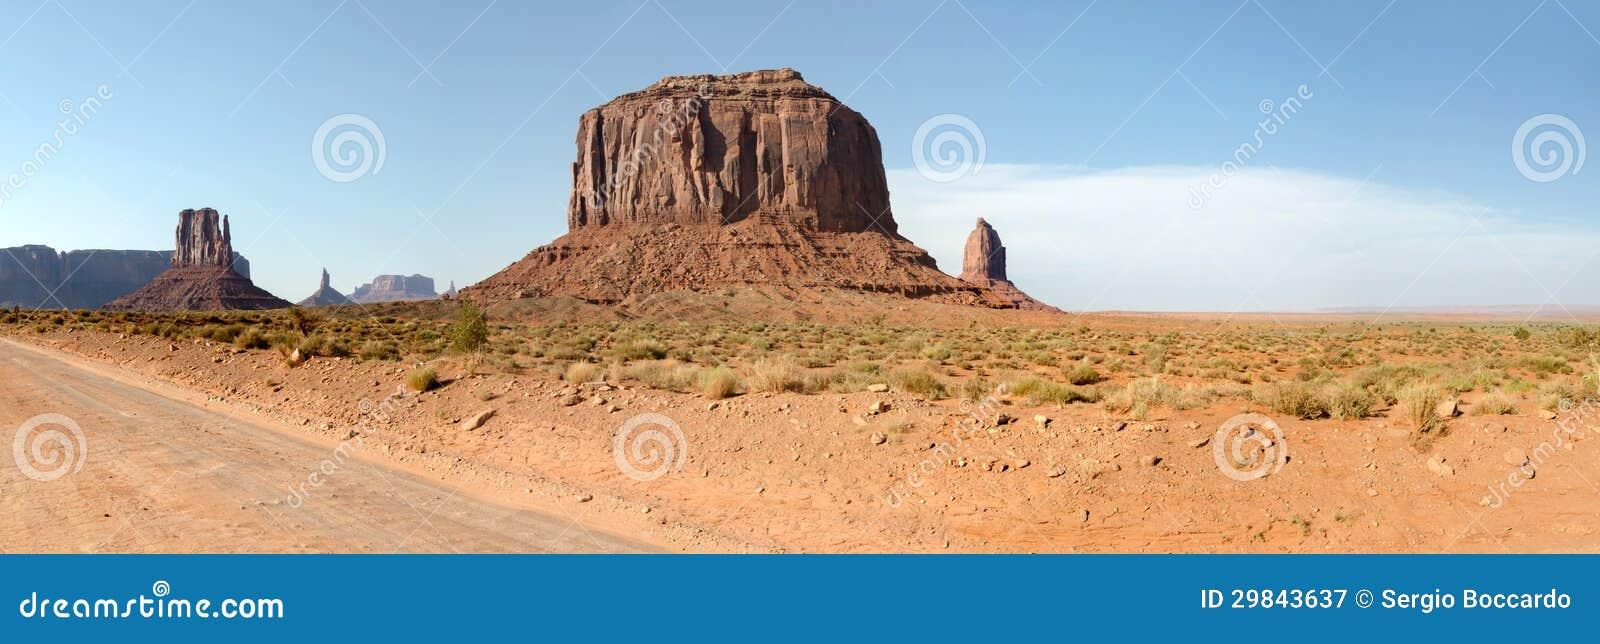 Vista geral no vale do monumento